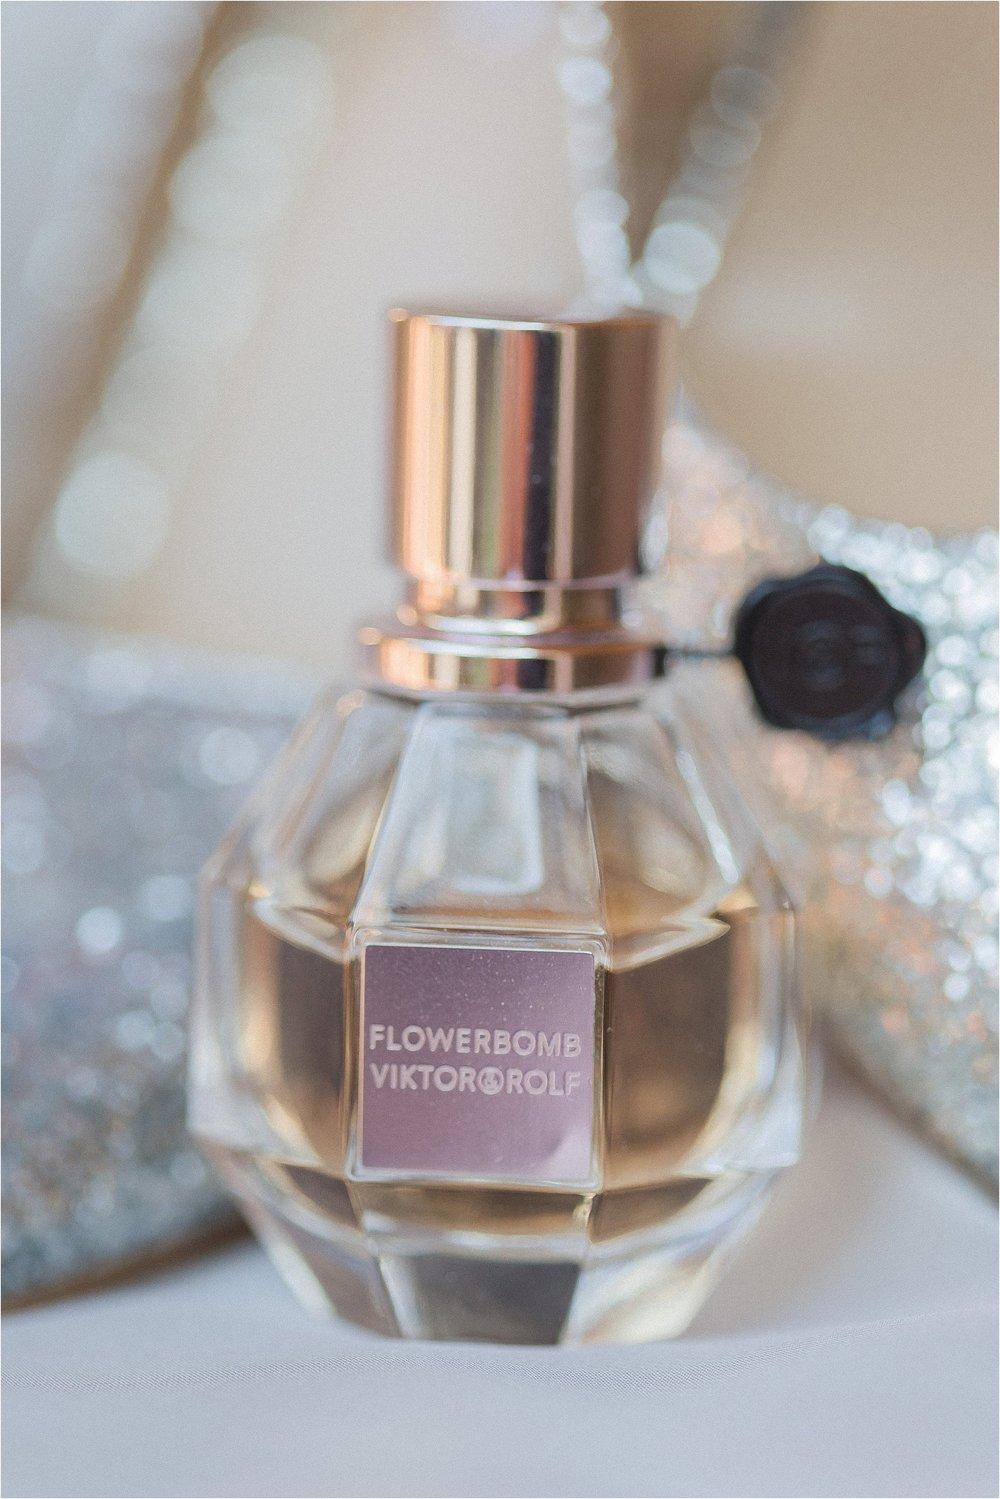 Flowerbomb Bridal Perfume